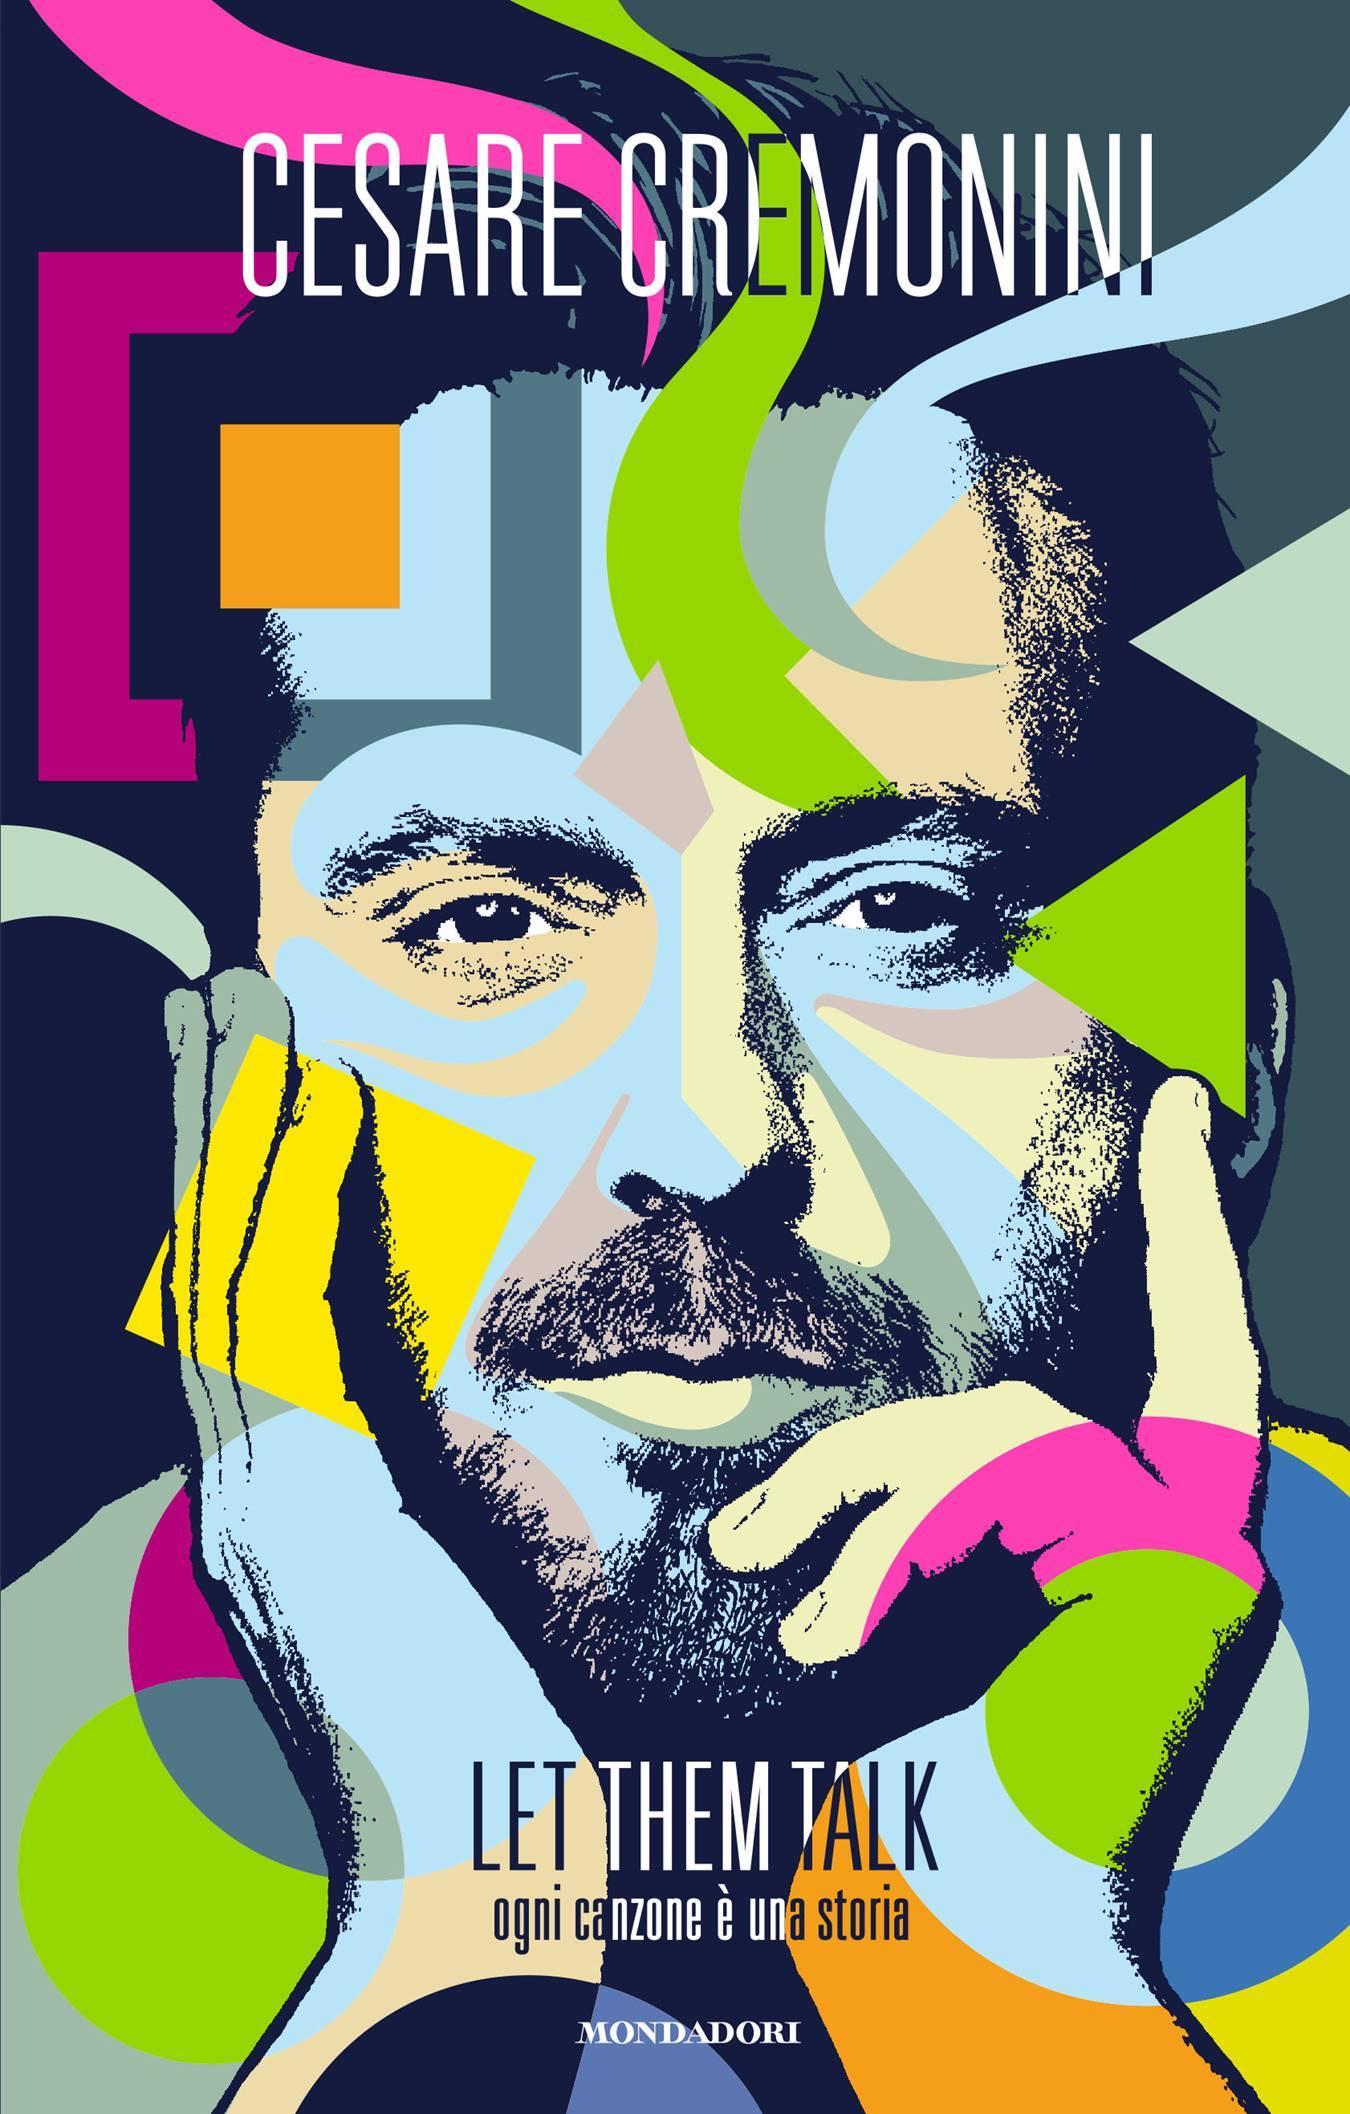 """""""Let them talk – Ogni canzone è una storia"""": esce il 1 dicembre il libro di Cesare Cremonini"""